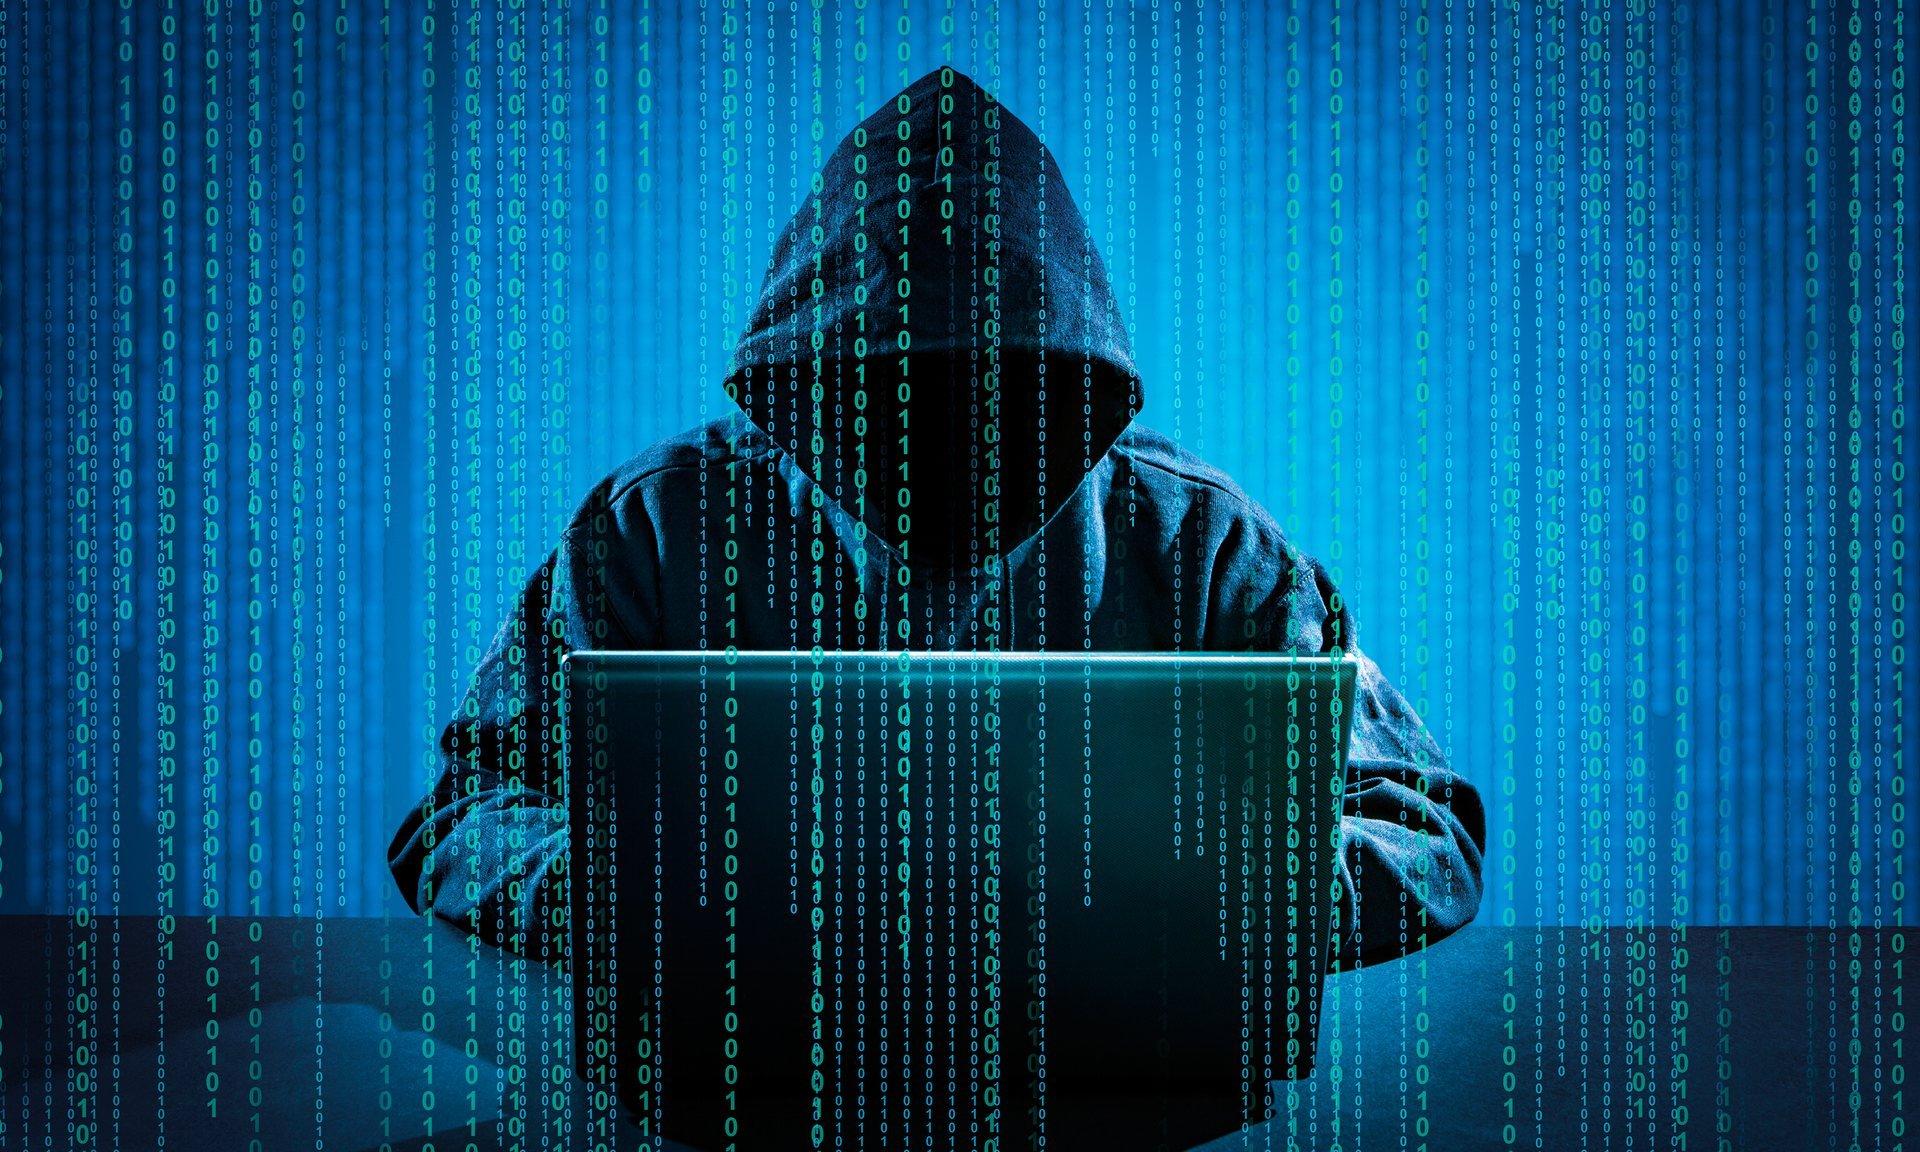 Хакер заработал неменее 18 млн USD, посредством двойных трат вweb-сети интернет Bitcoin Gold